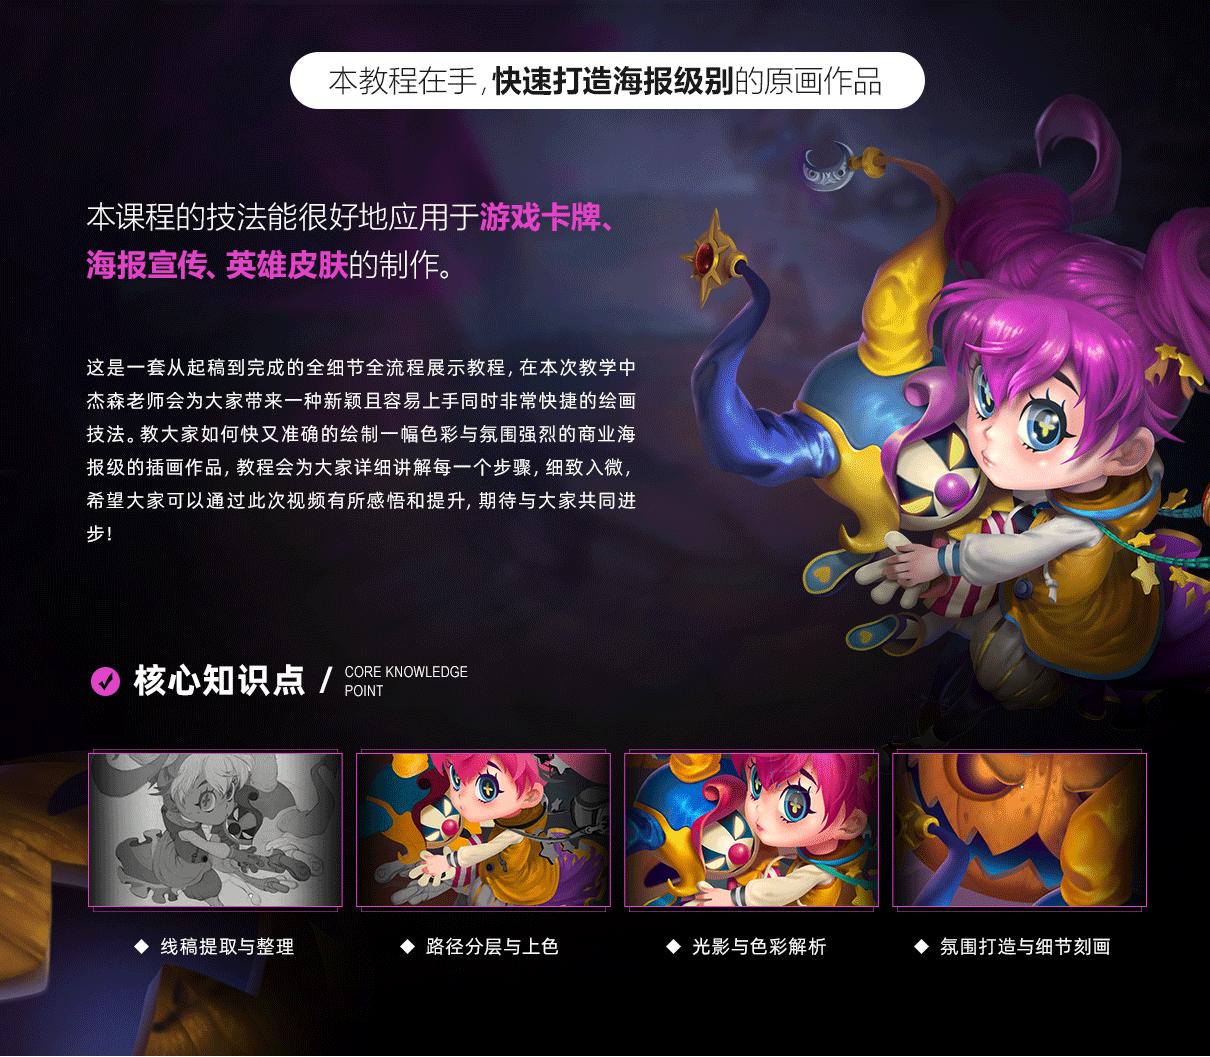 少女与小丑pc端1210_04.png